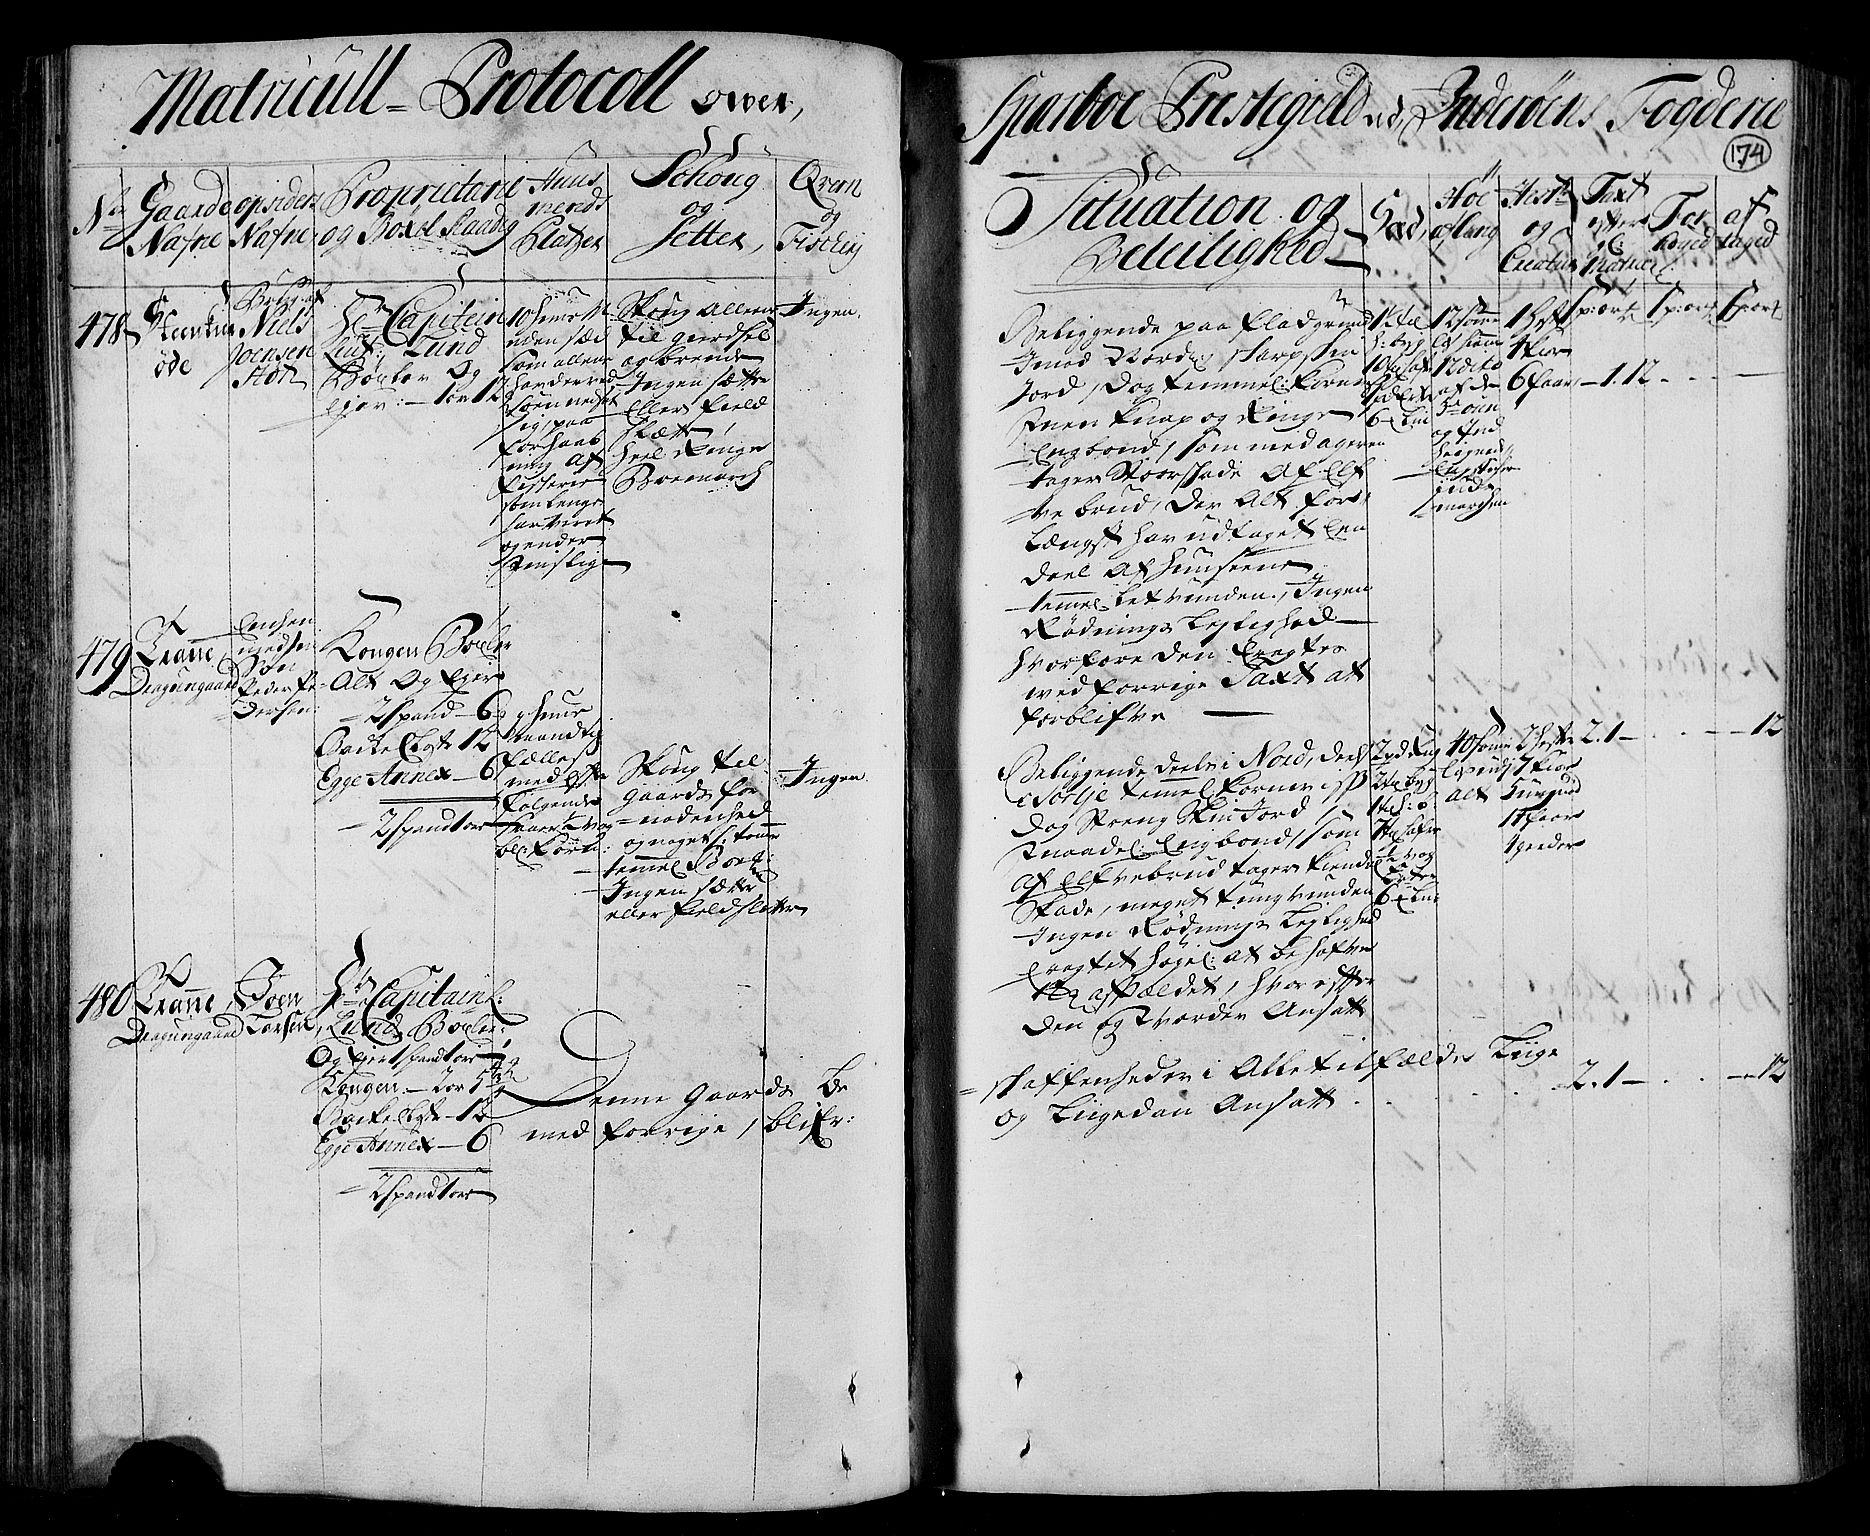 RA, Rentekammeret inntil 1814, Realistisk ordnet avdeling, N/Nb/Nbf/L0166: Inderøy eksaminasjonsprotokoll, 1723, s. 173b-174a